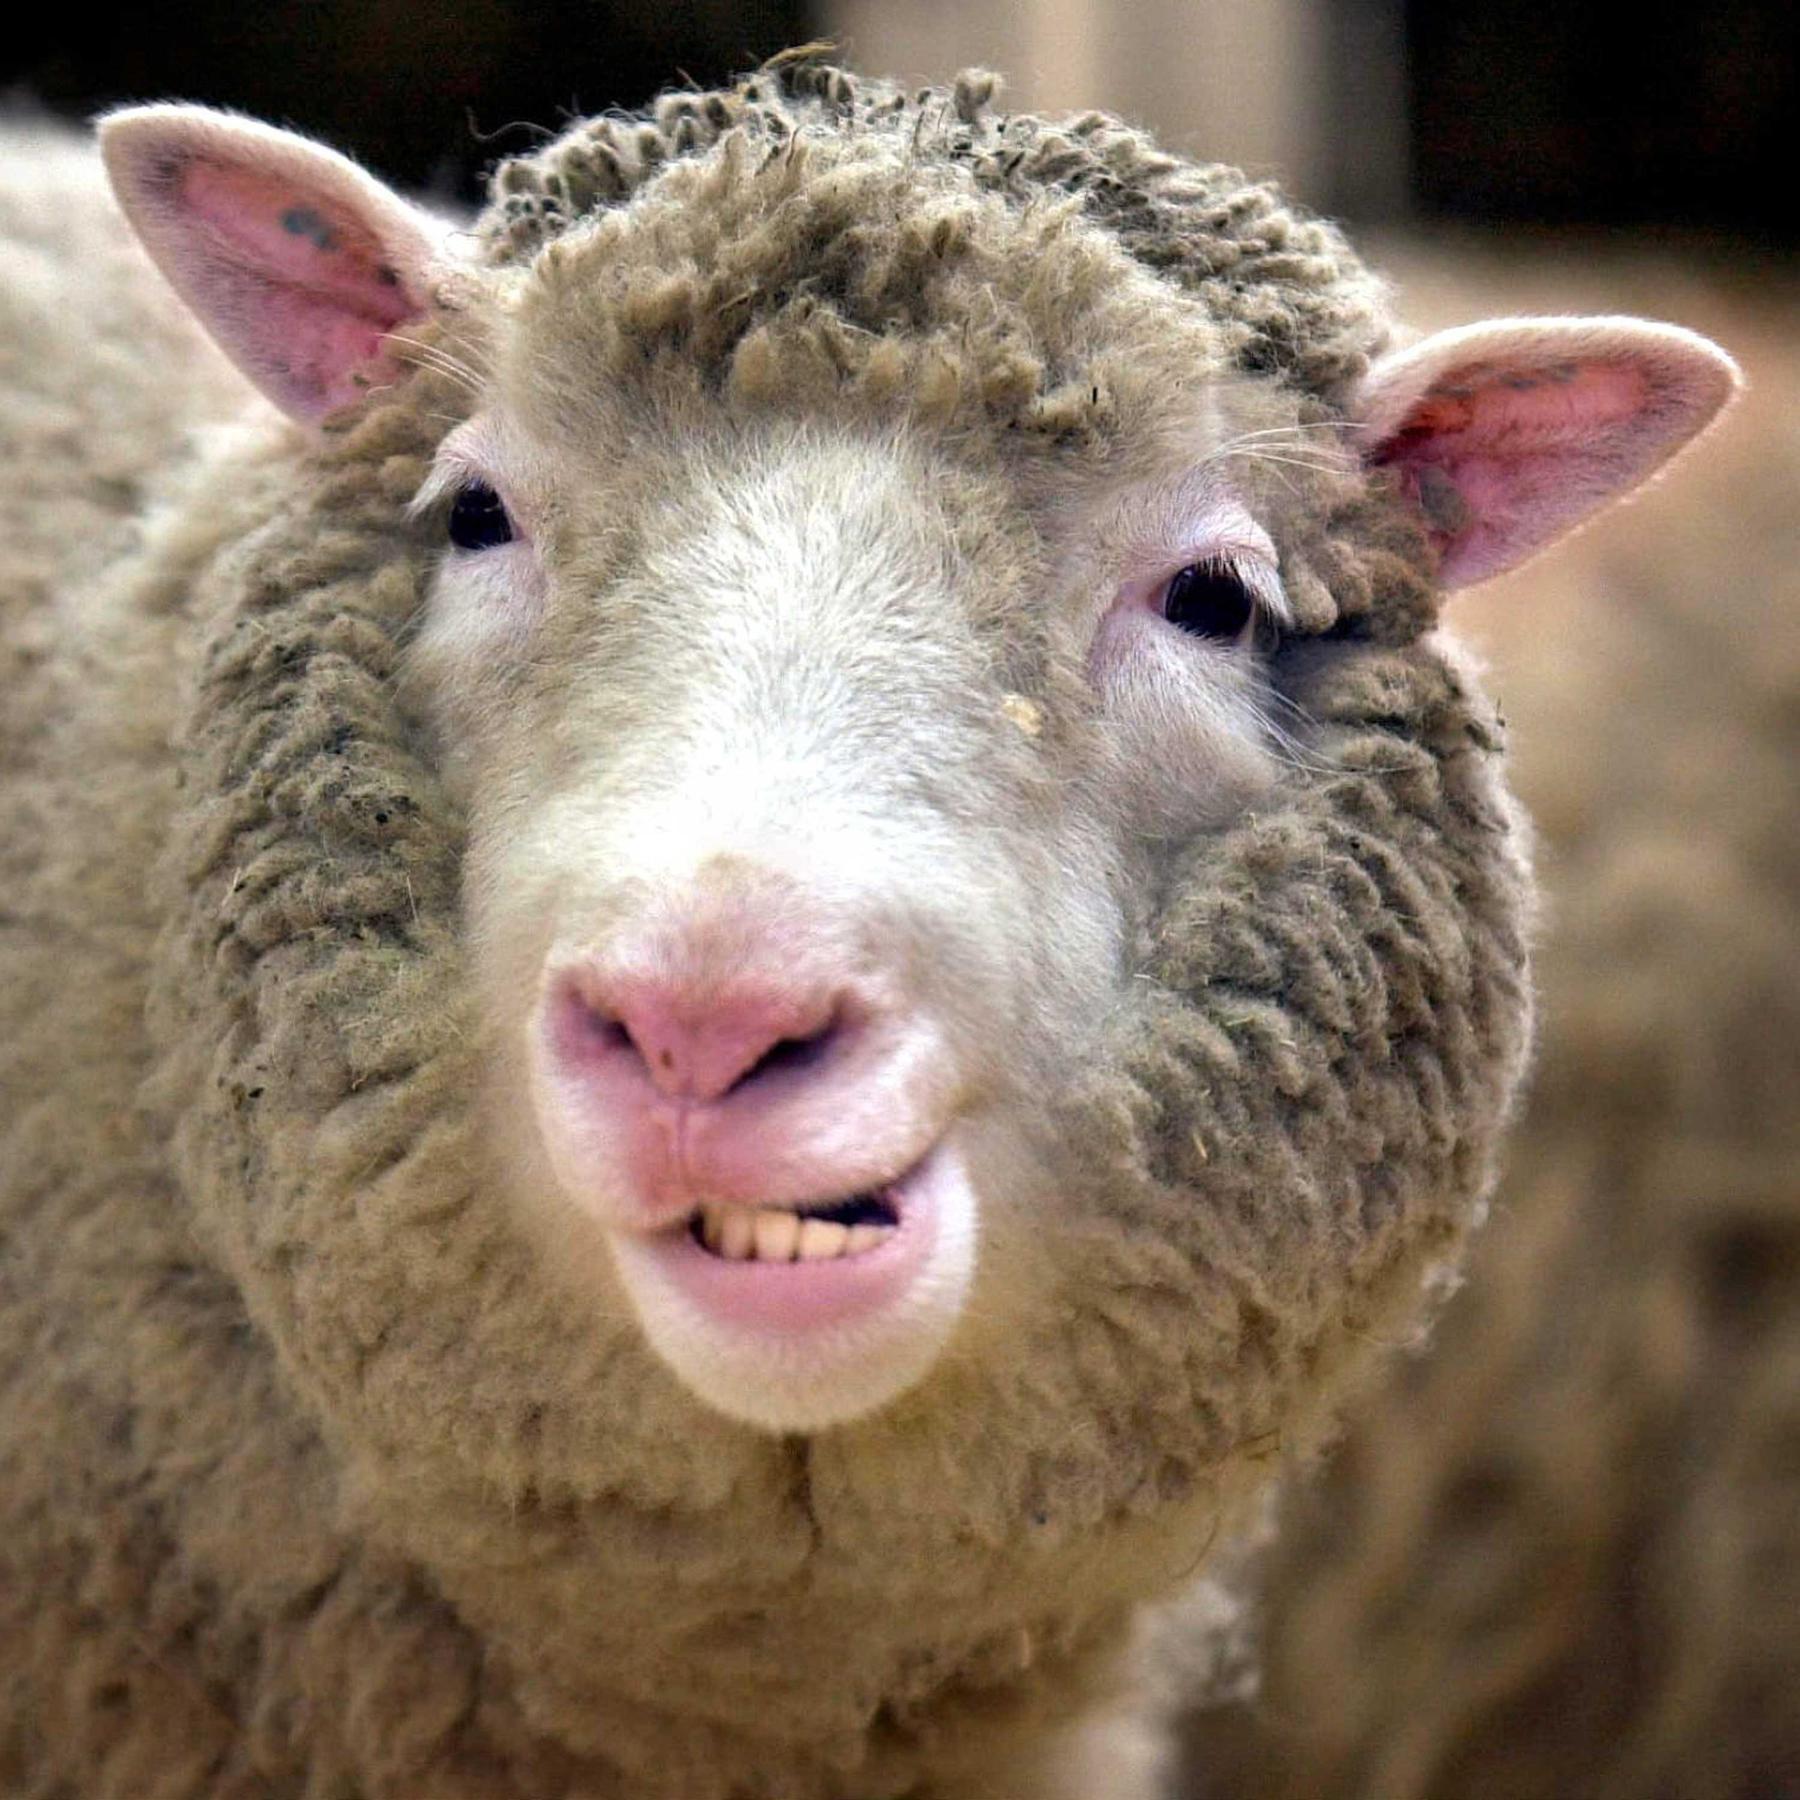 25 Jahre Klonschaf Dolly - Was aus Hoffnungen und Befürchtungen geworden ist